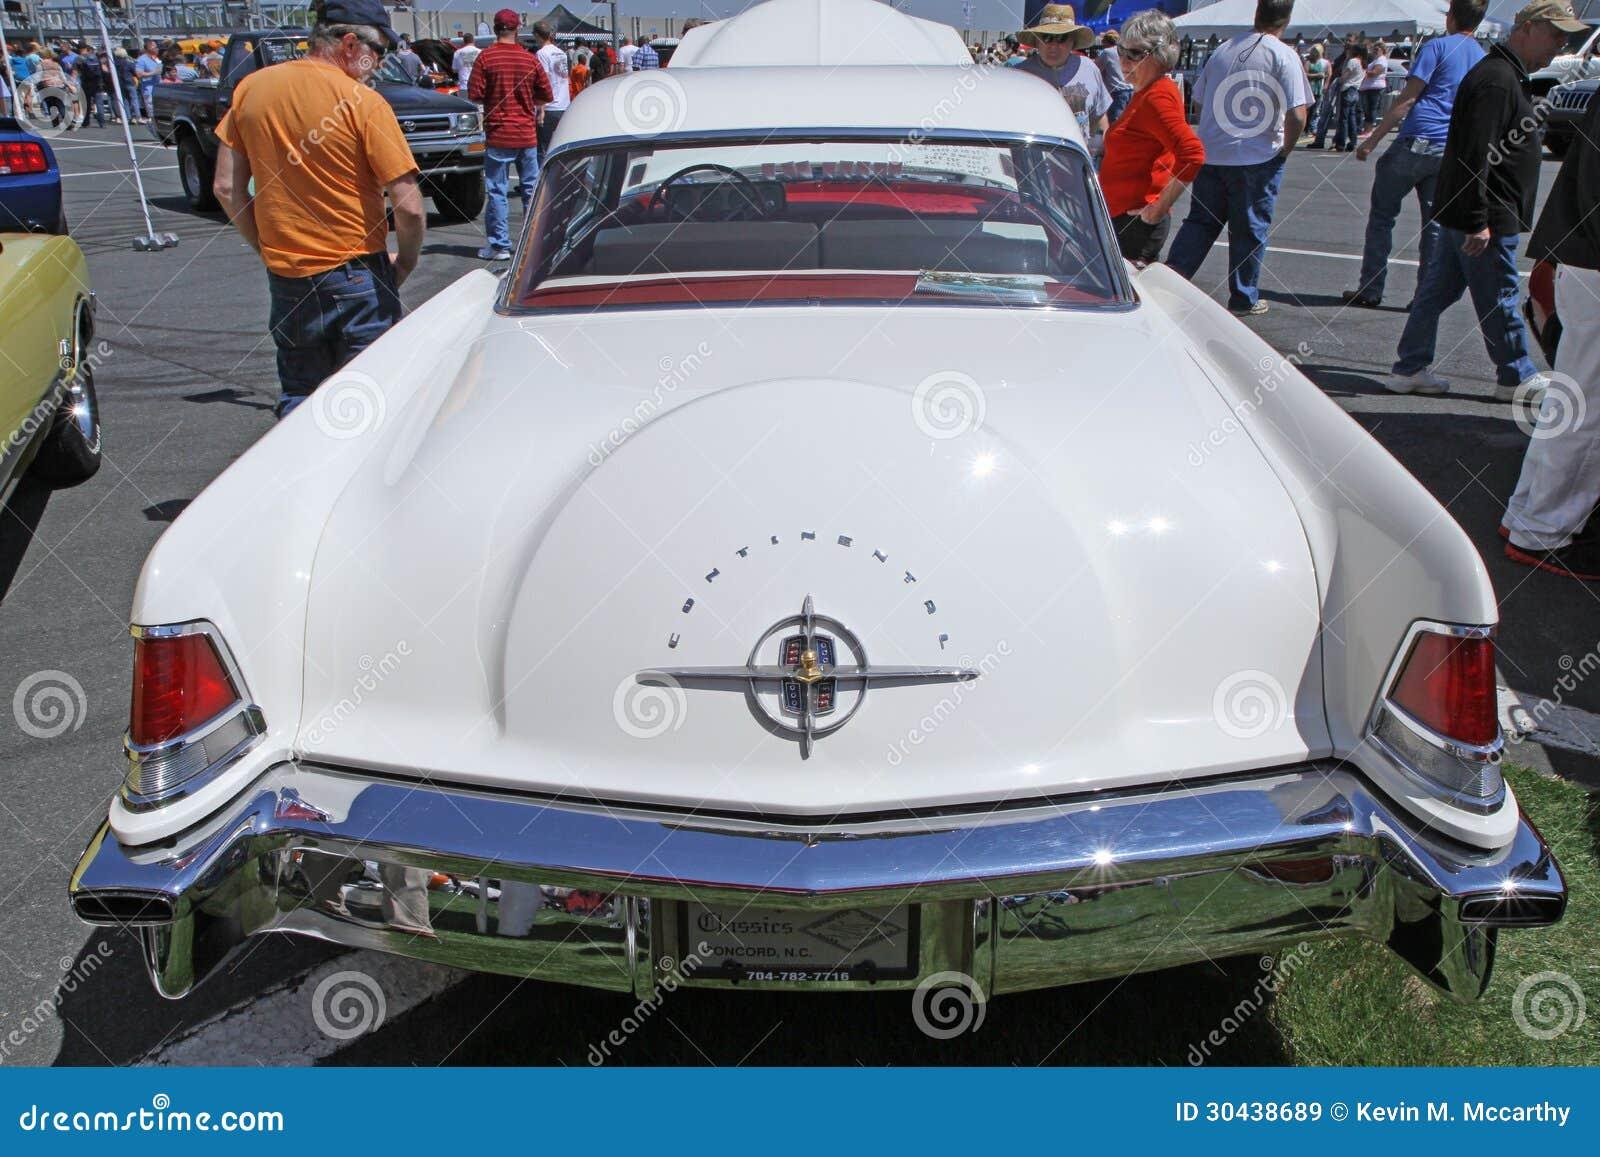 Classic Car Restoration Prices